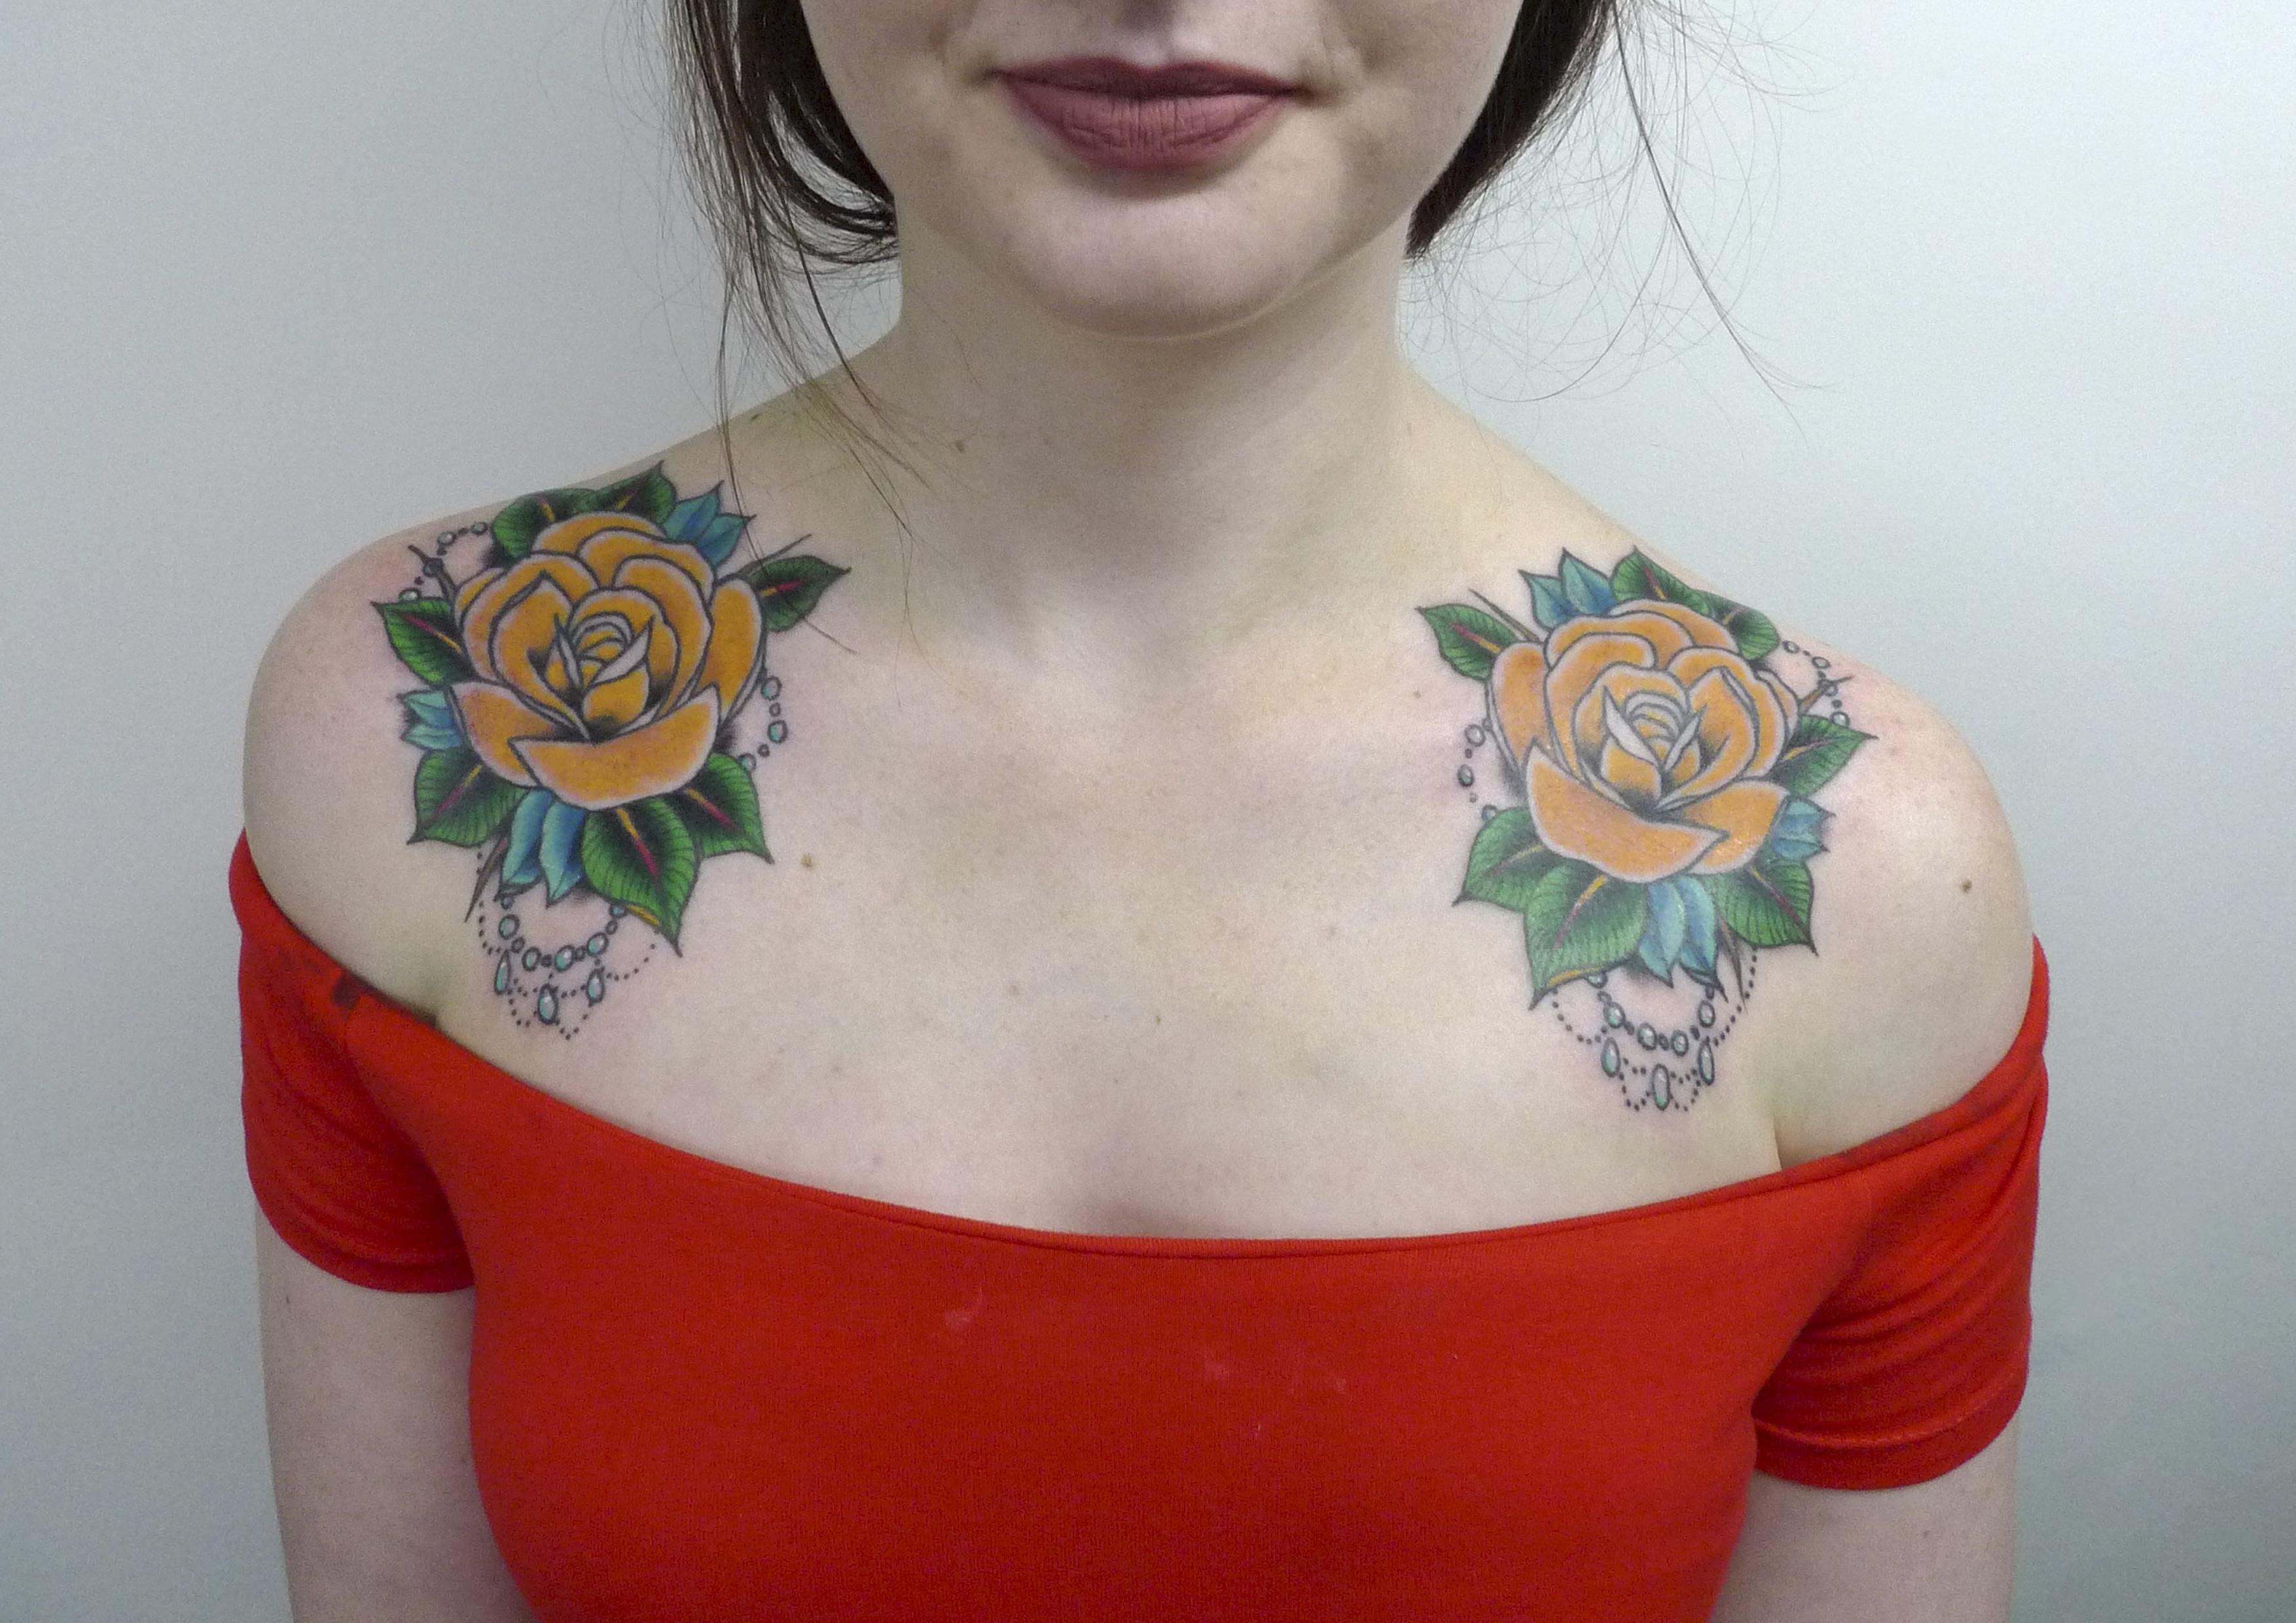 Wissen Sie welche die Bedeutung des gelbe Rose Tattoos?